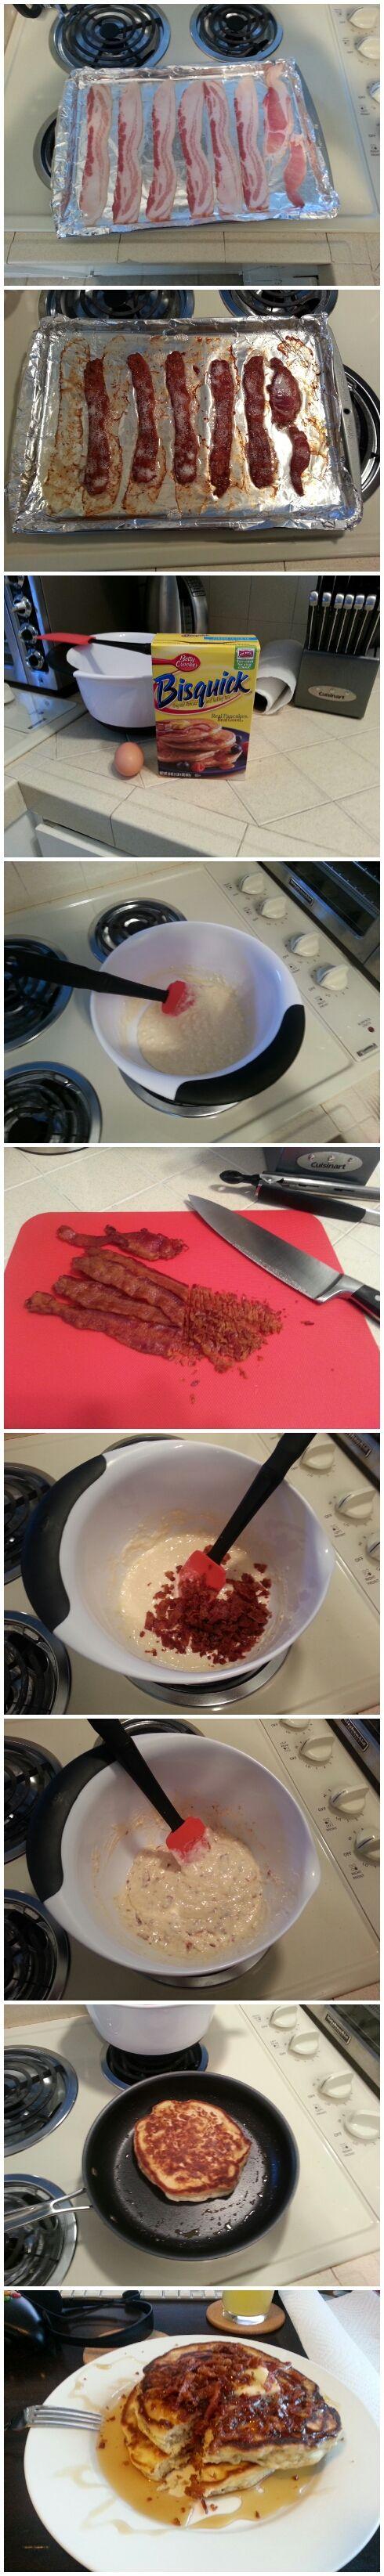 Making bacon pancakes.